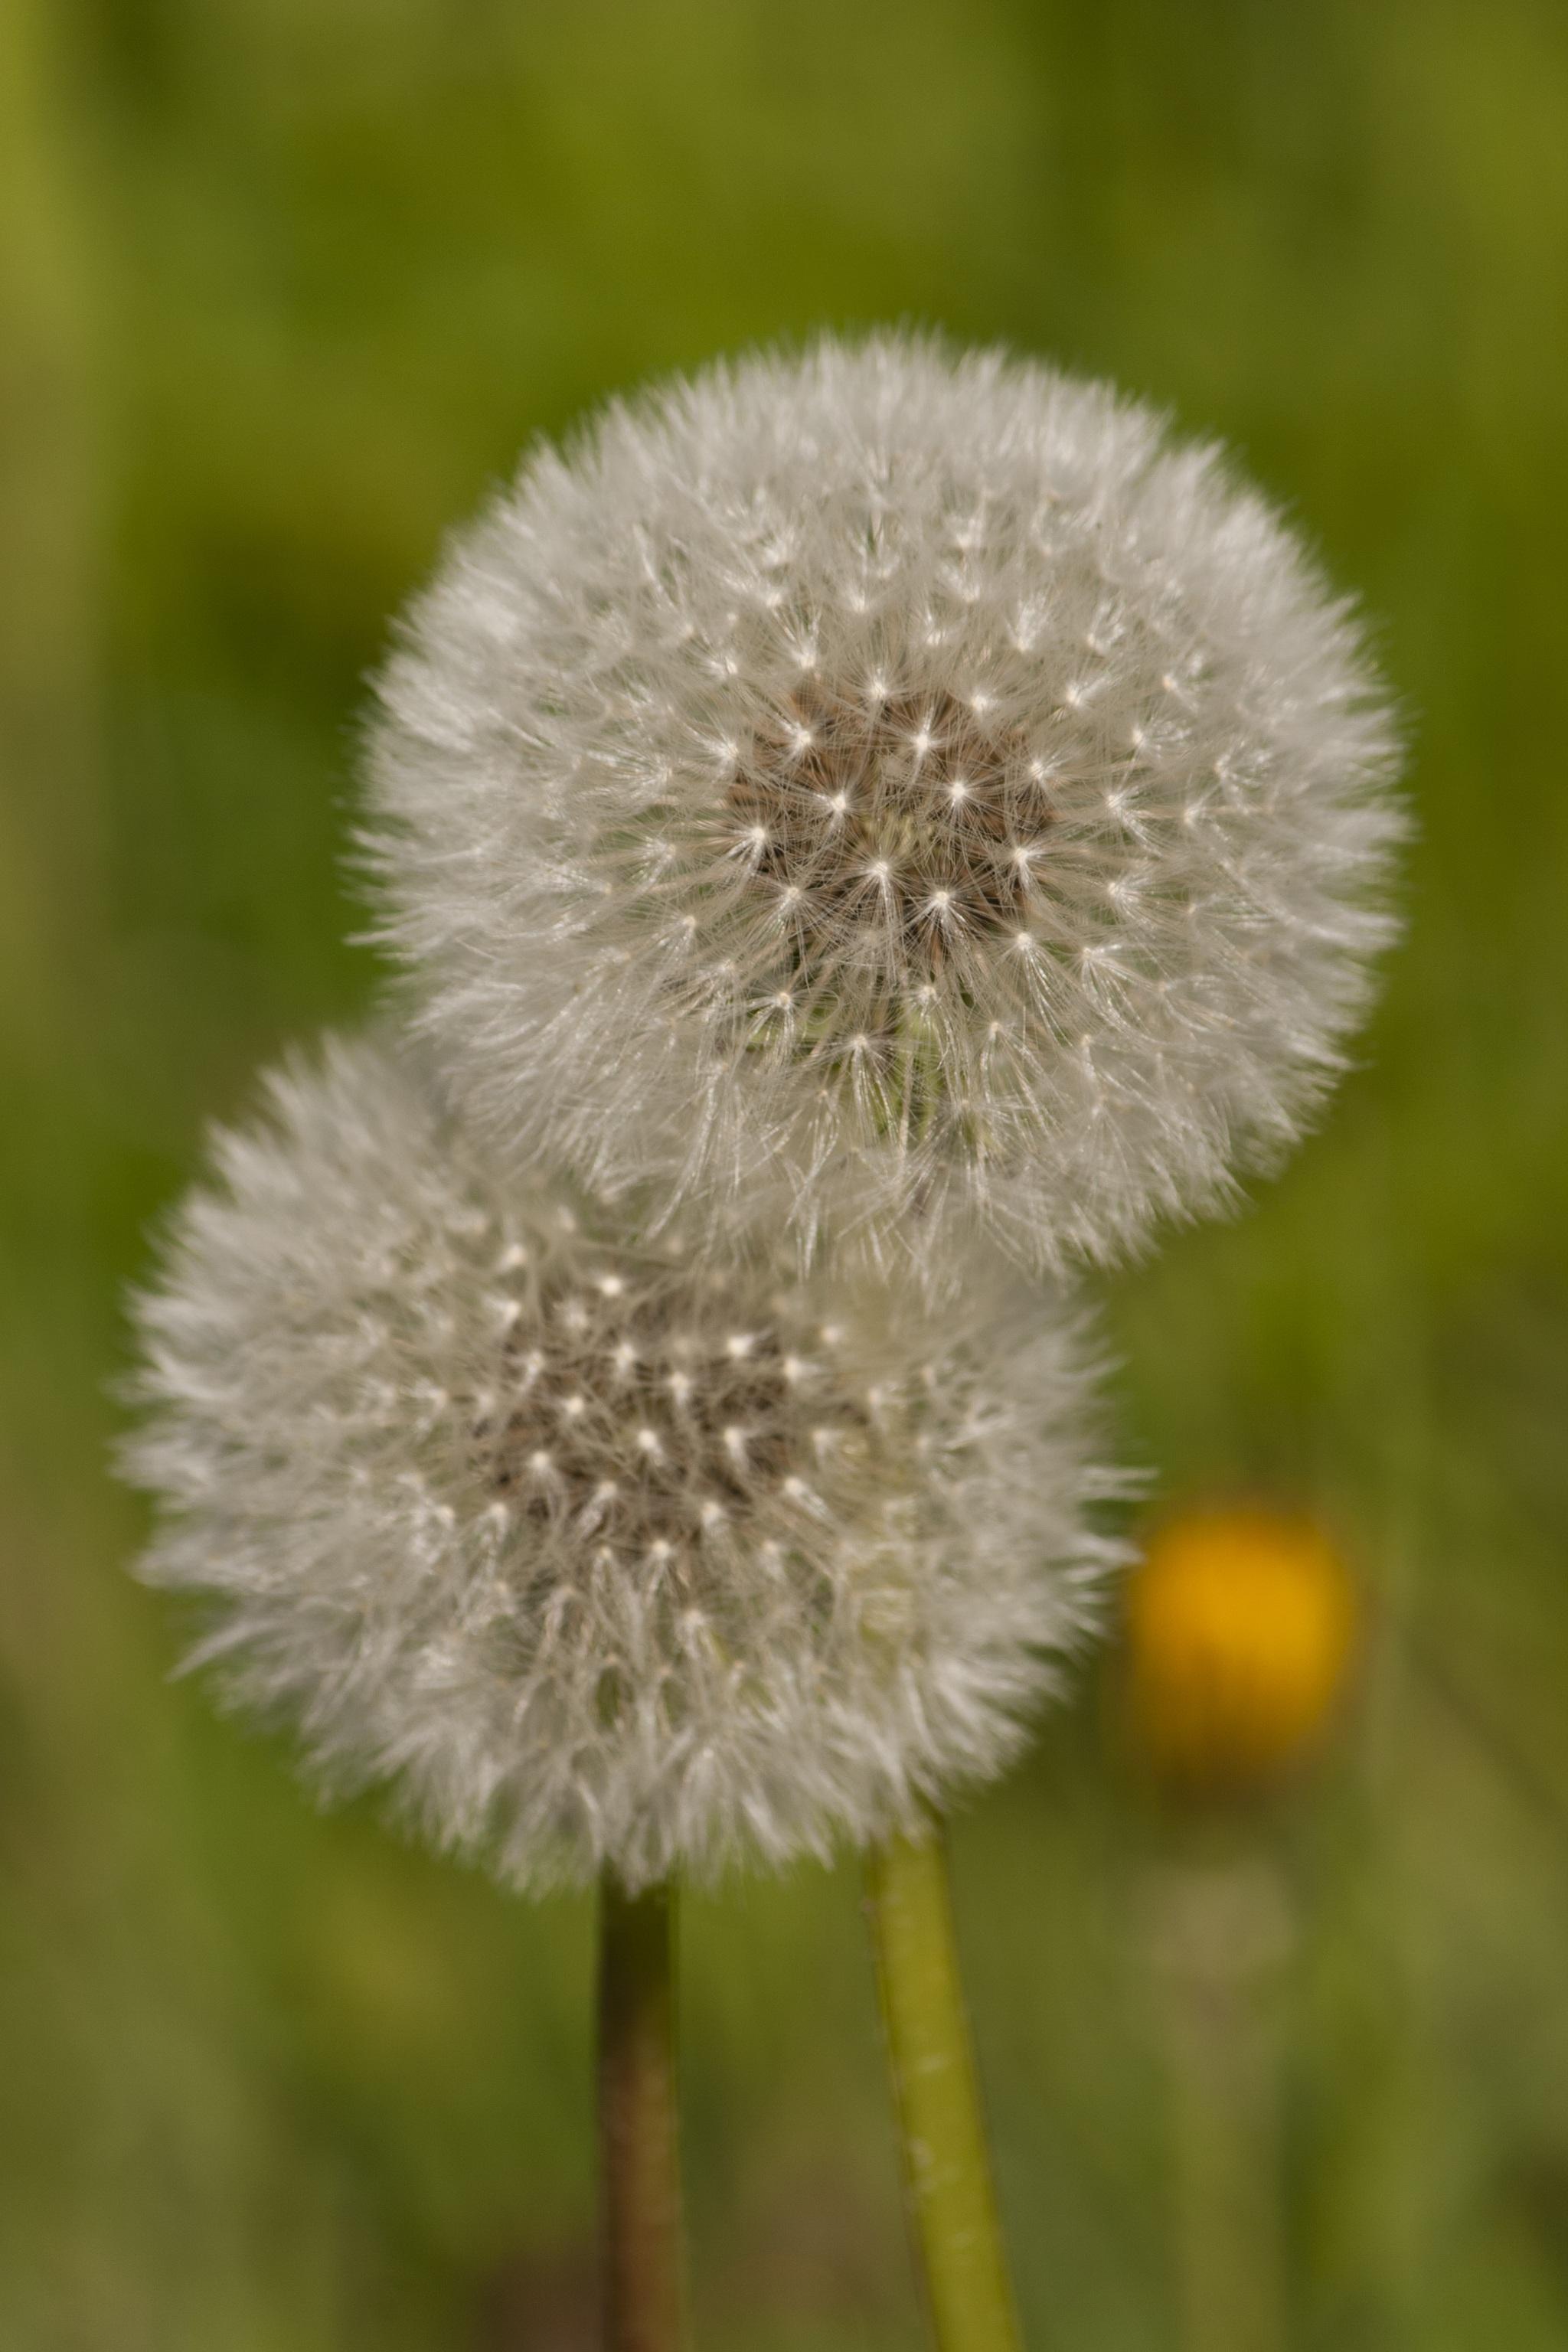 Ce faci cu florile și frunzele de păpădie după ce le recoltezi? Reguli de depozitare